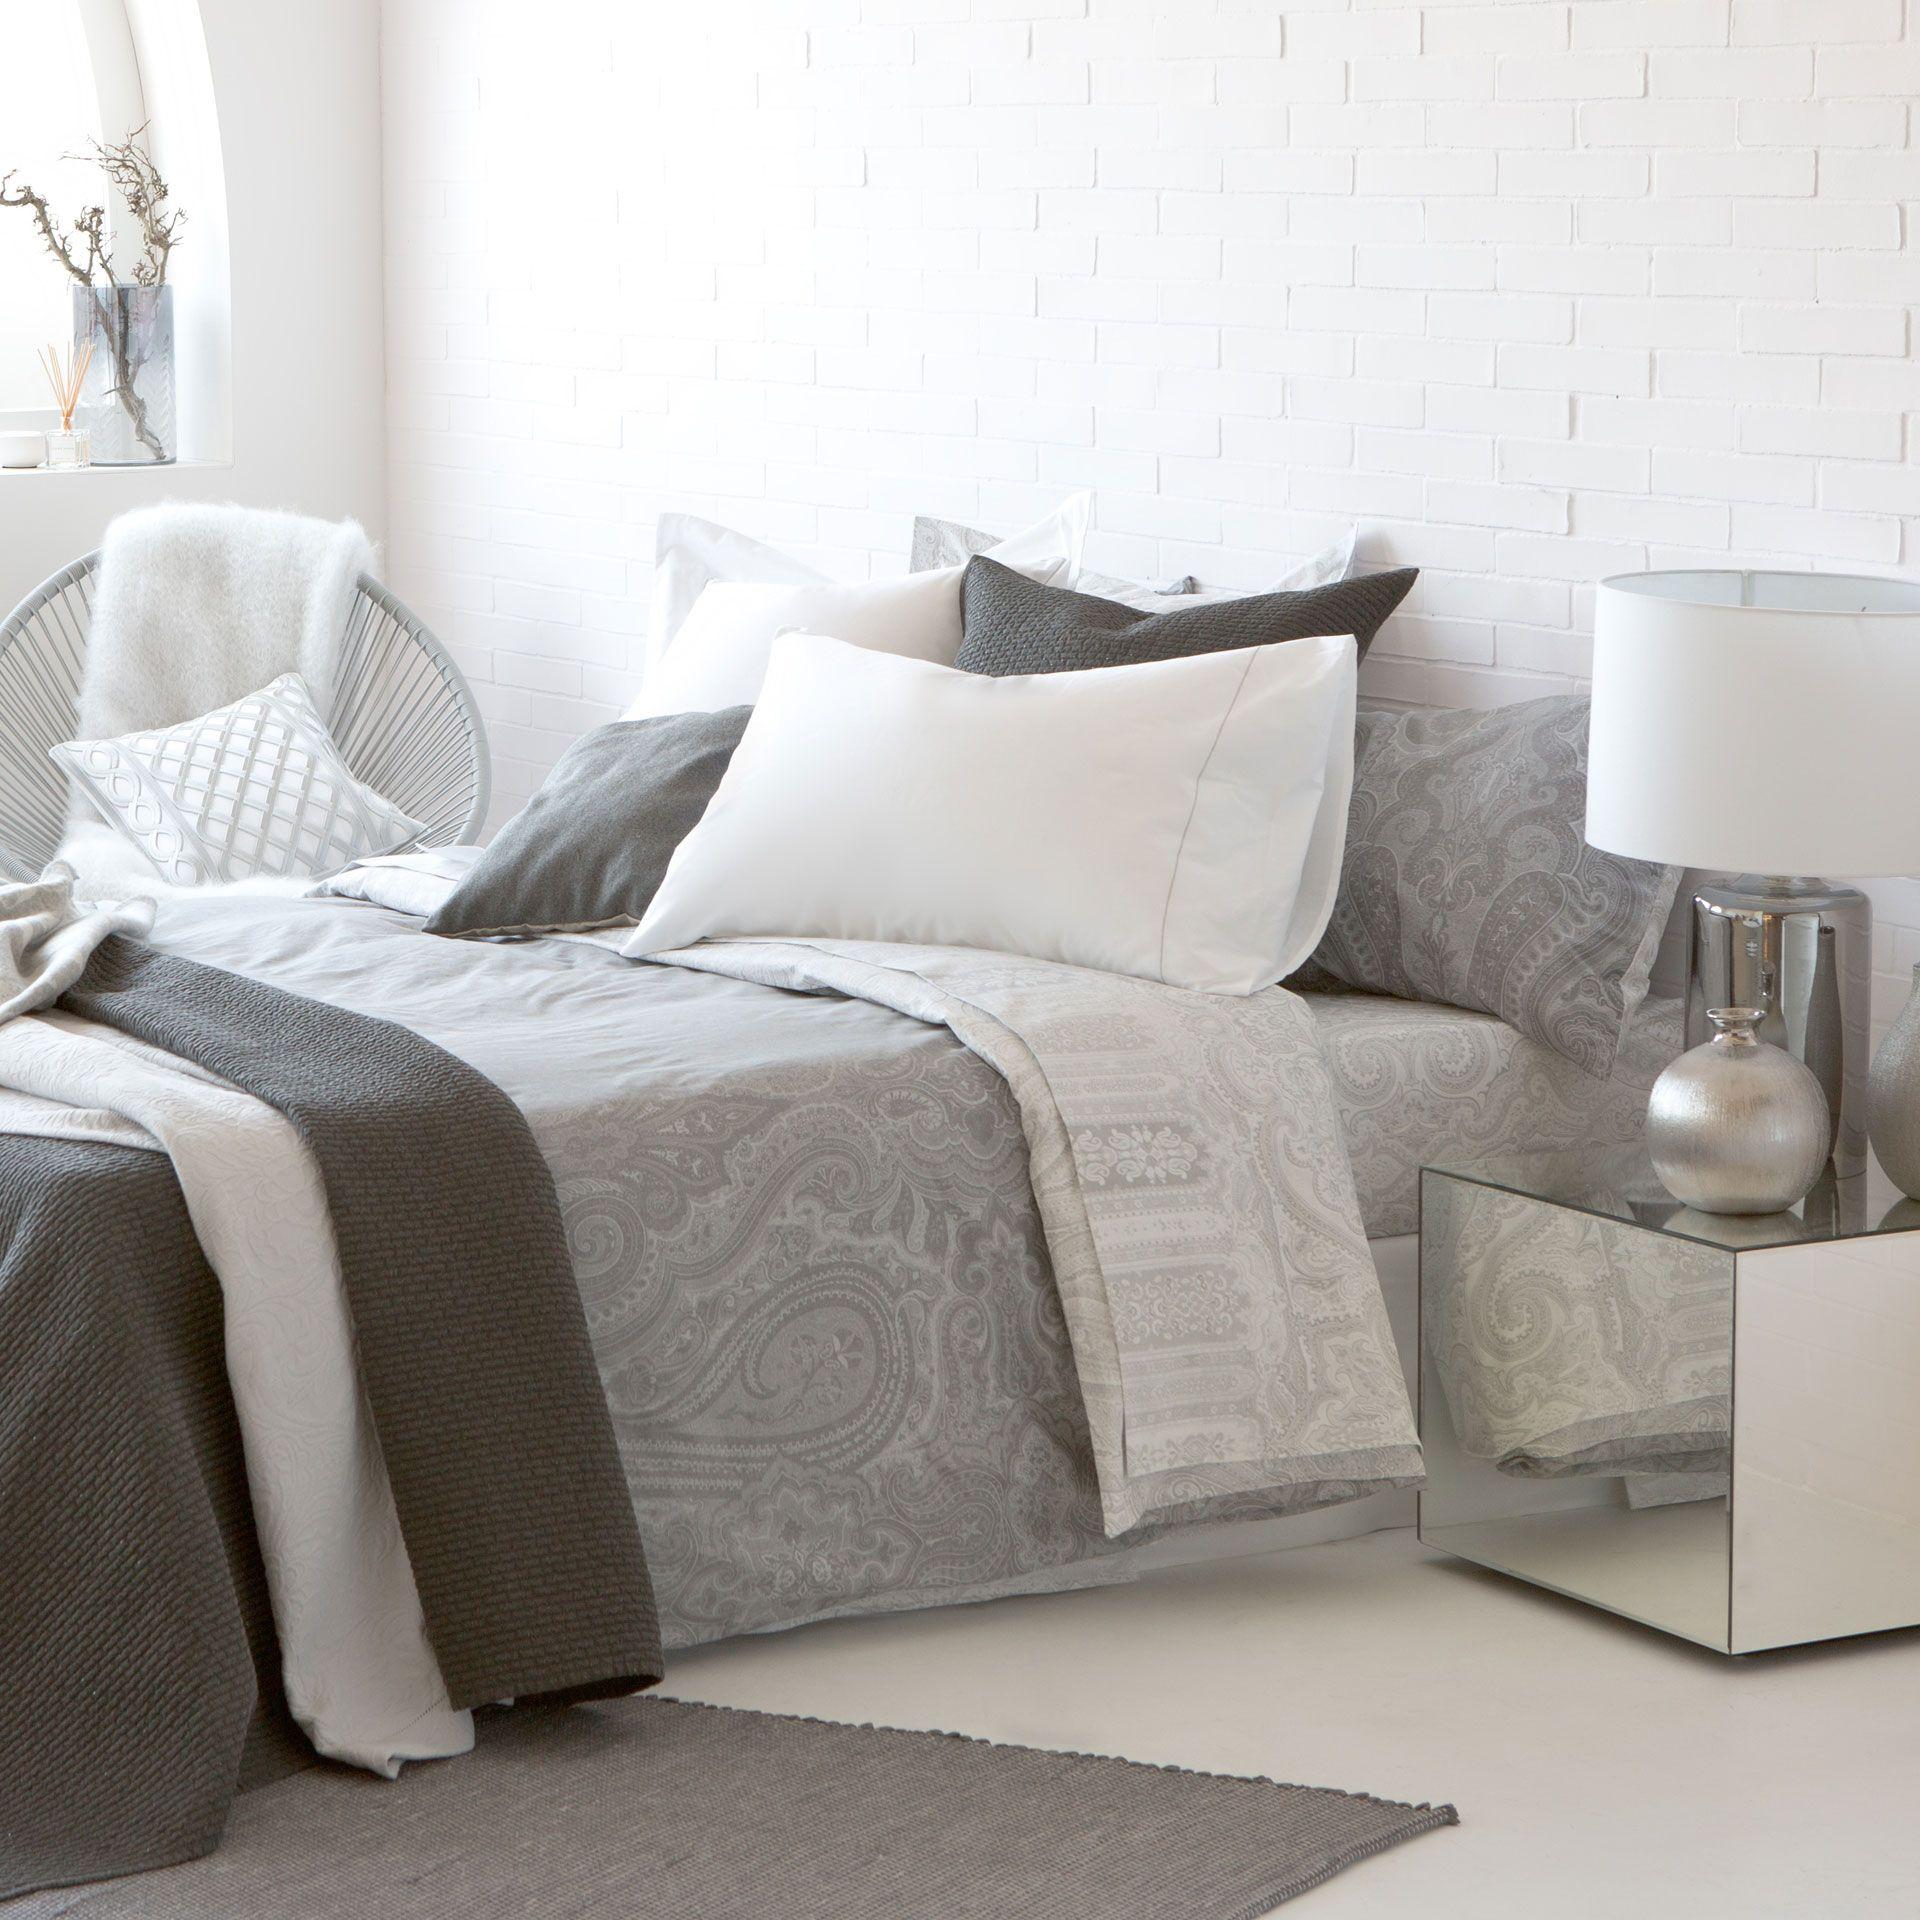 Grey Paisley Bed Linen - Bed Linen - Bedroom